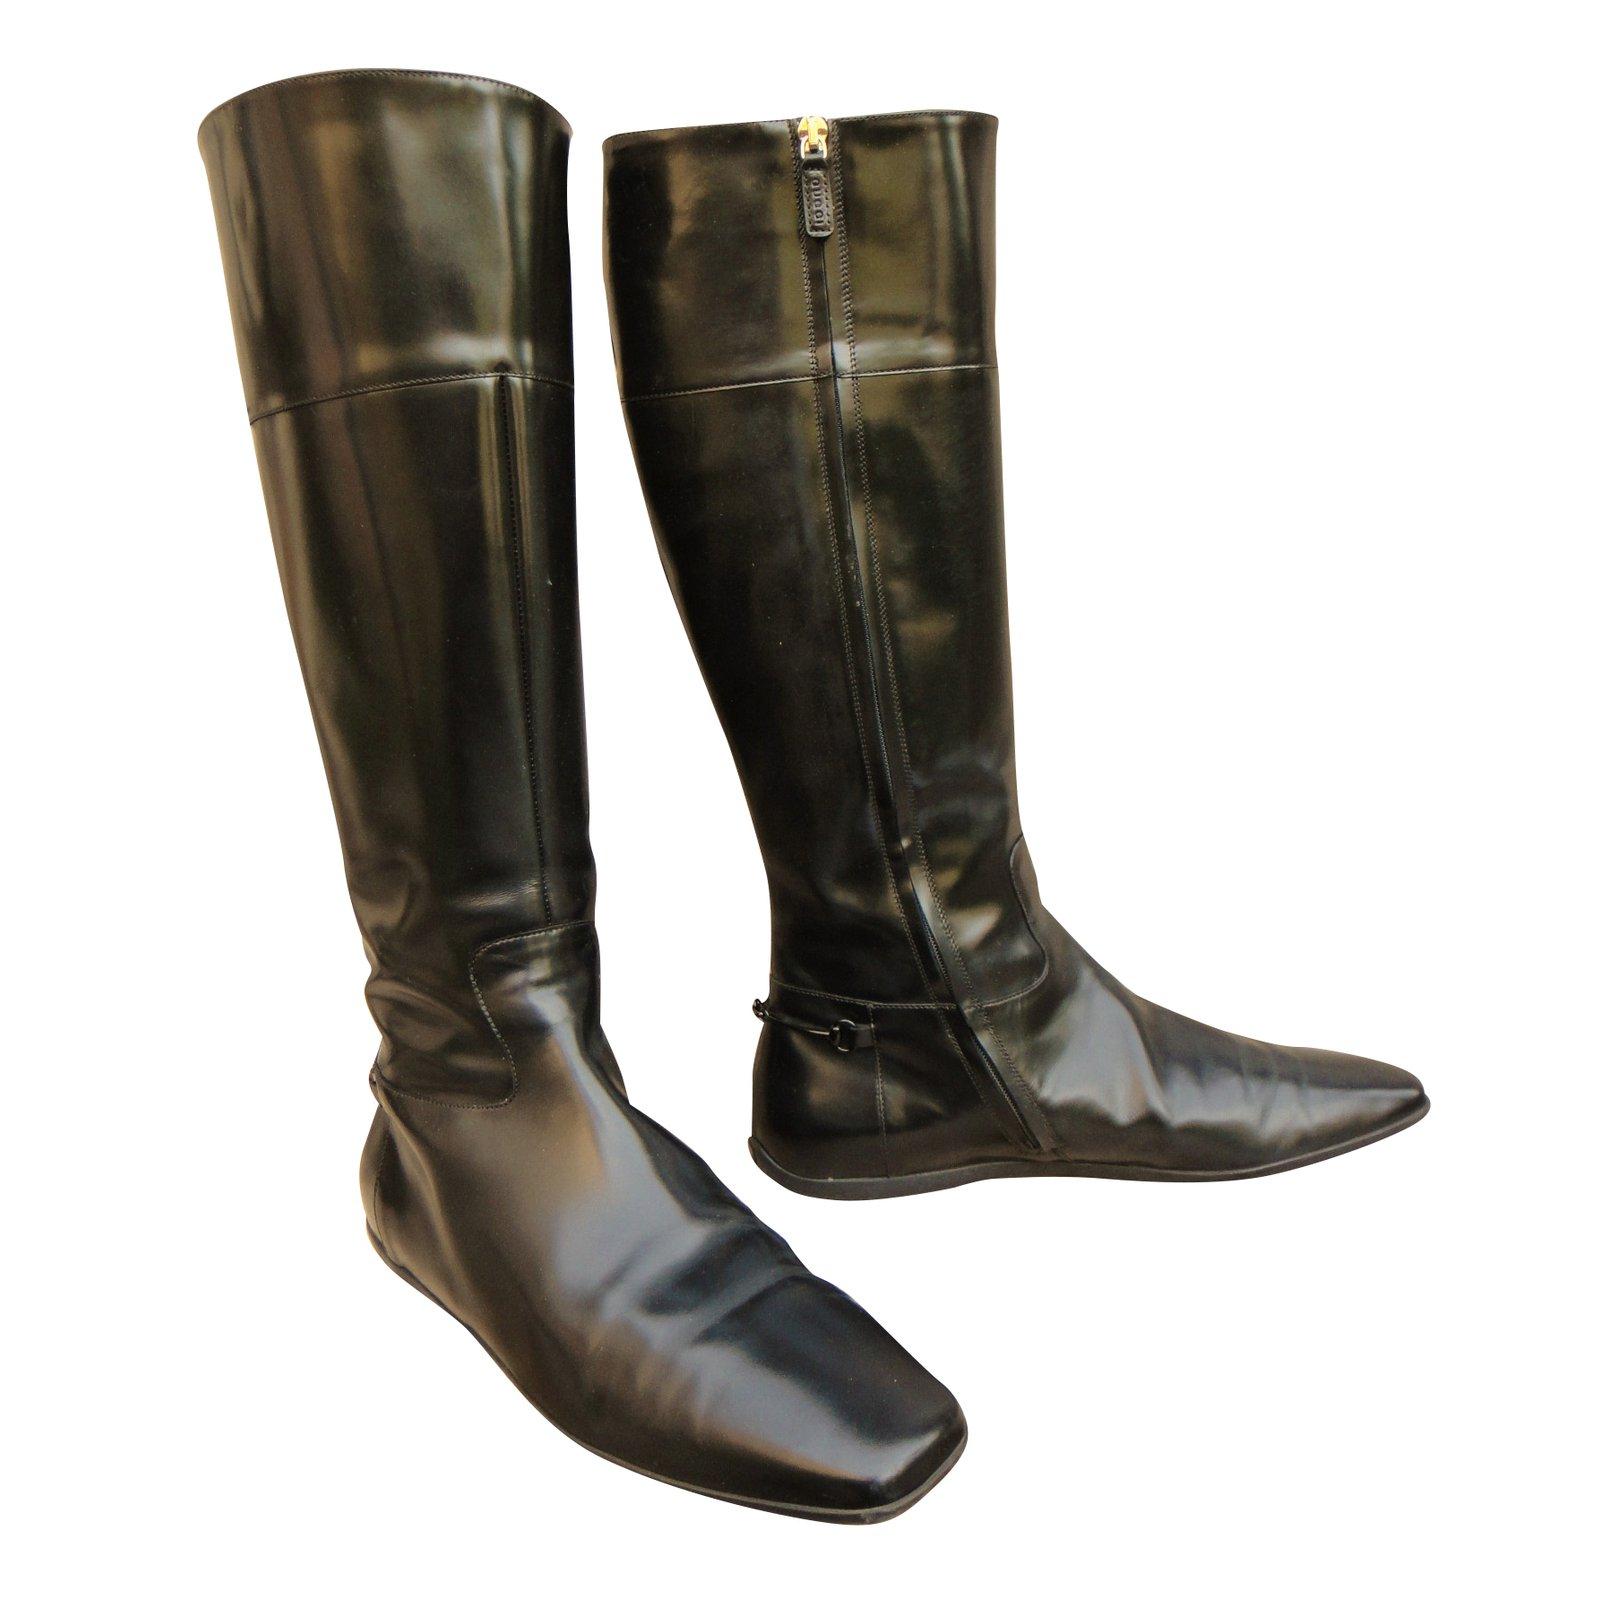 Bottes Gucci Bottes Cuir Noir ref.9684 43.90EUR, GUCCI chaussures  hommes,2018T gucci hommes chaussures anglais exquis marque pas cher wsed f6d9ce2696d